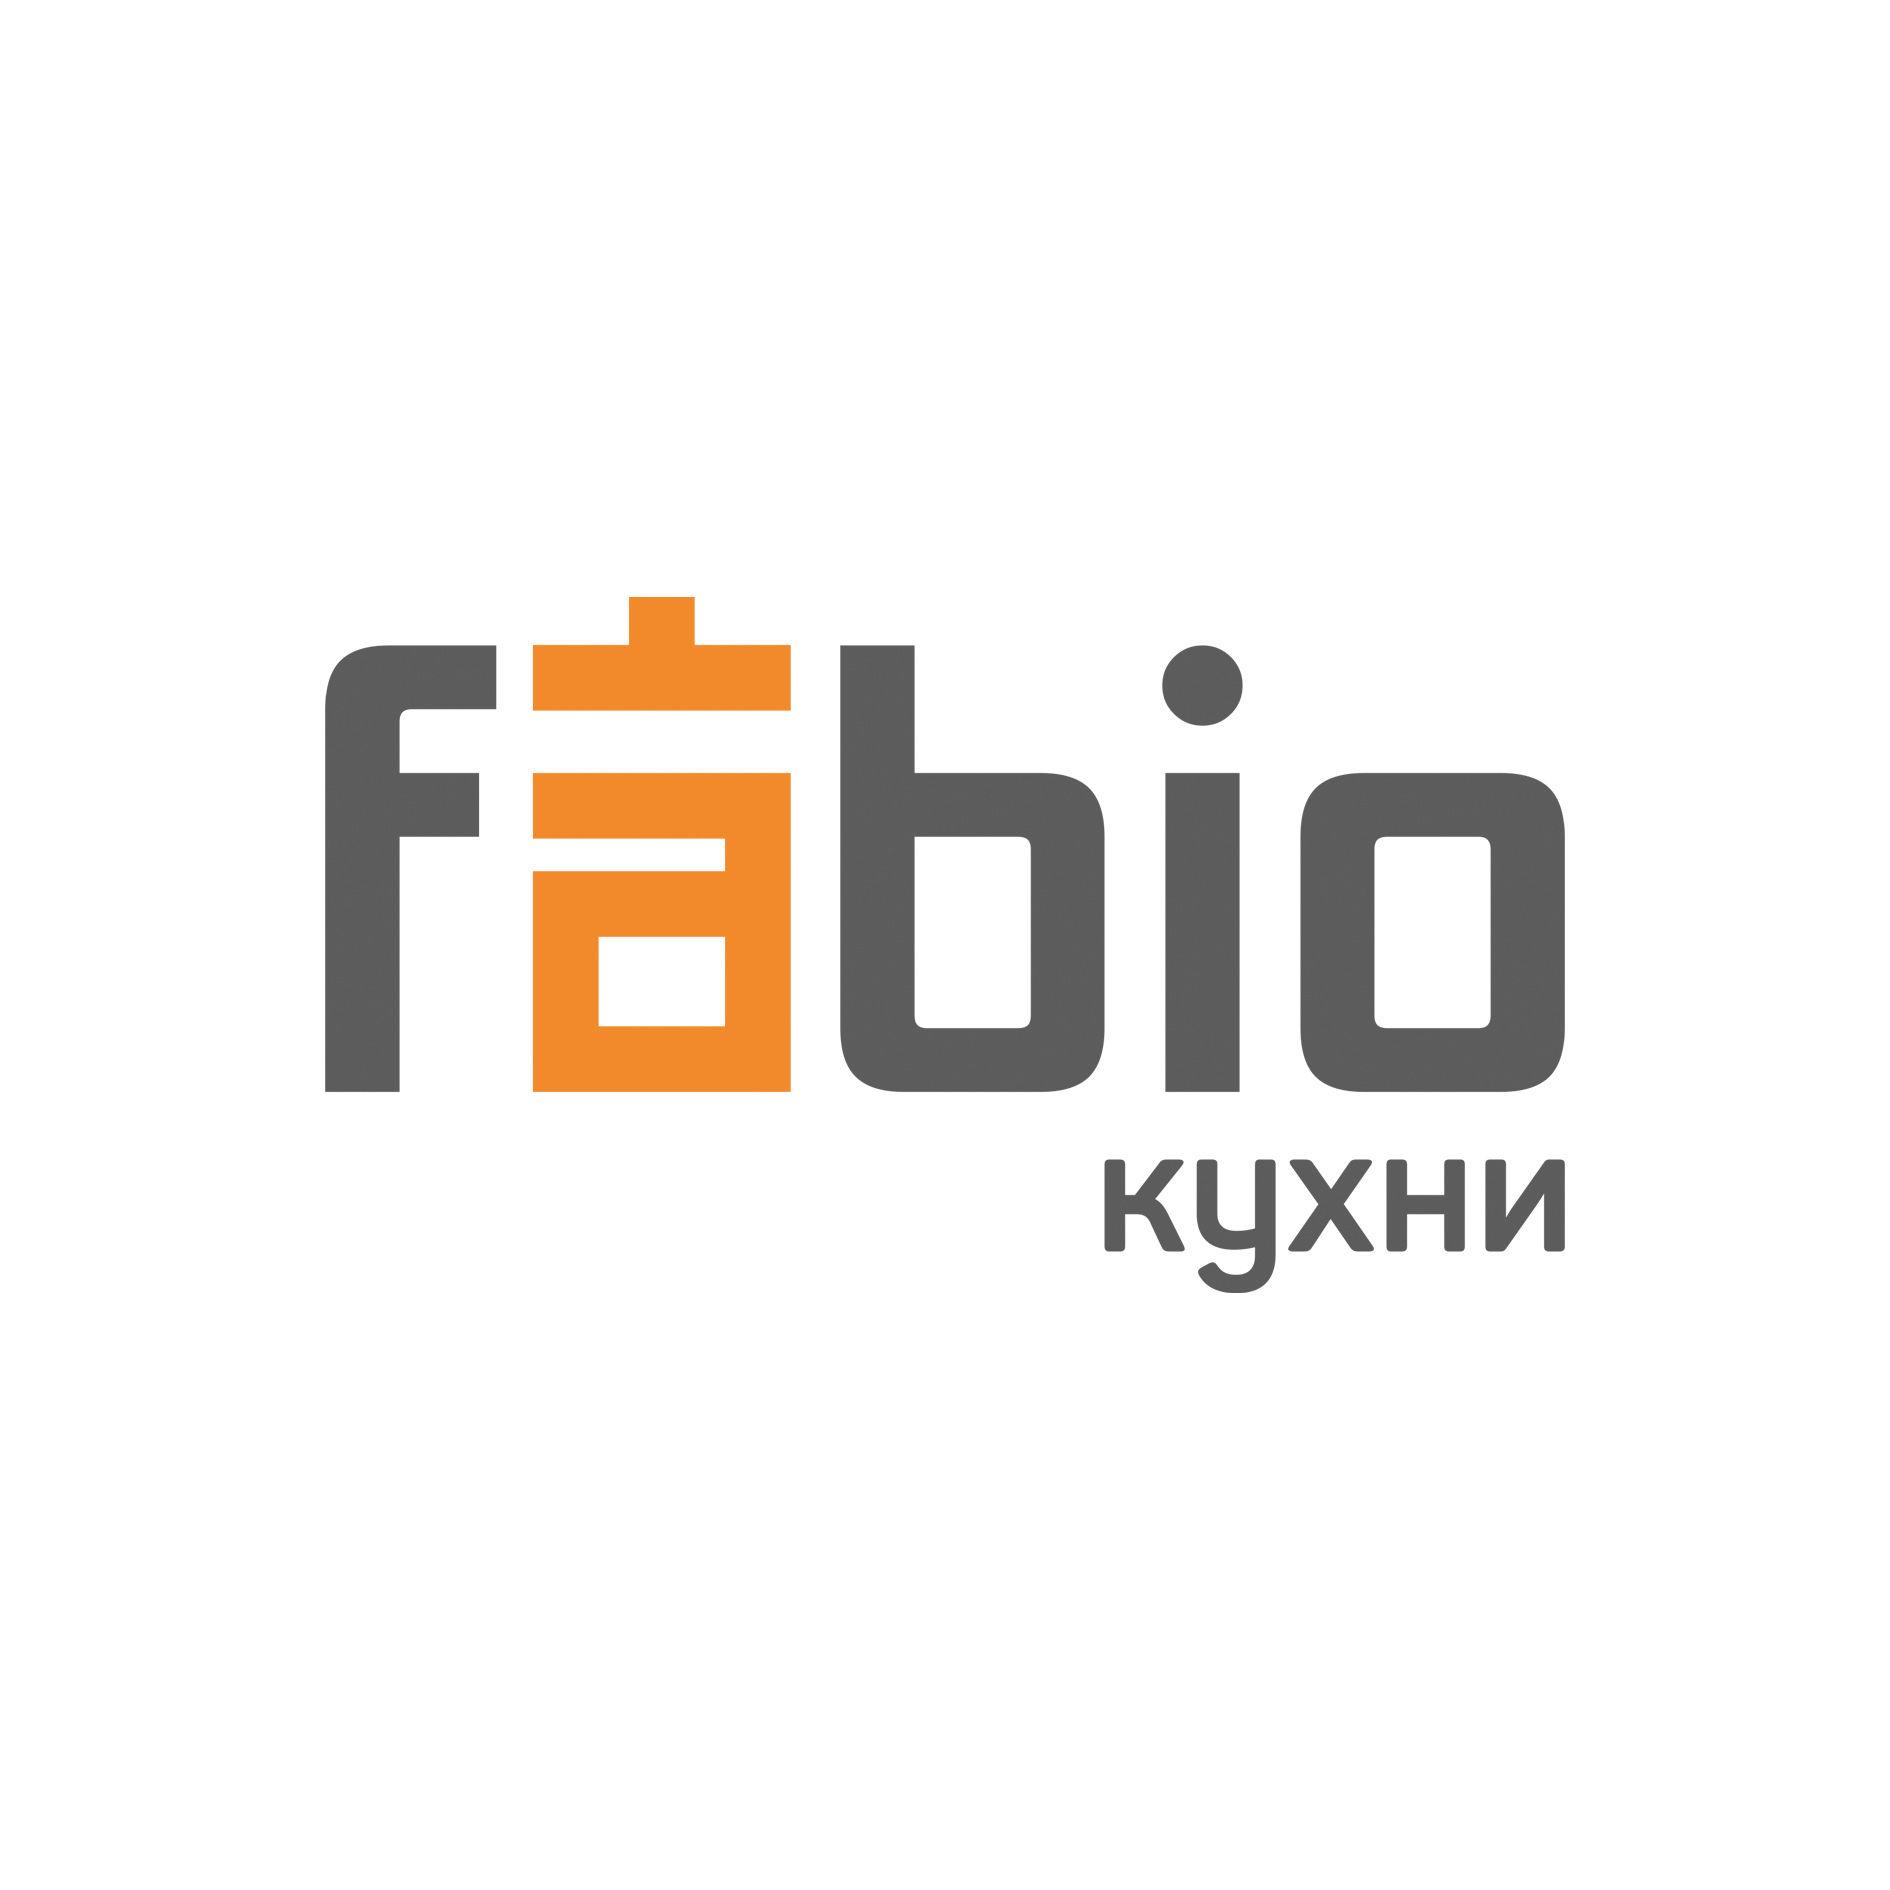 Кухни Fabio